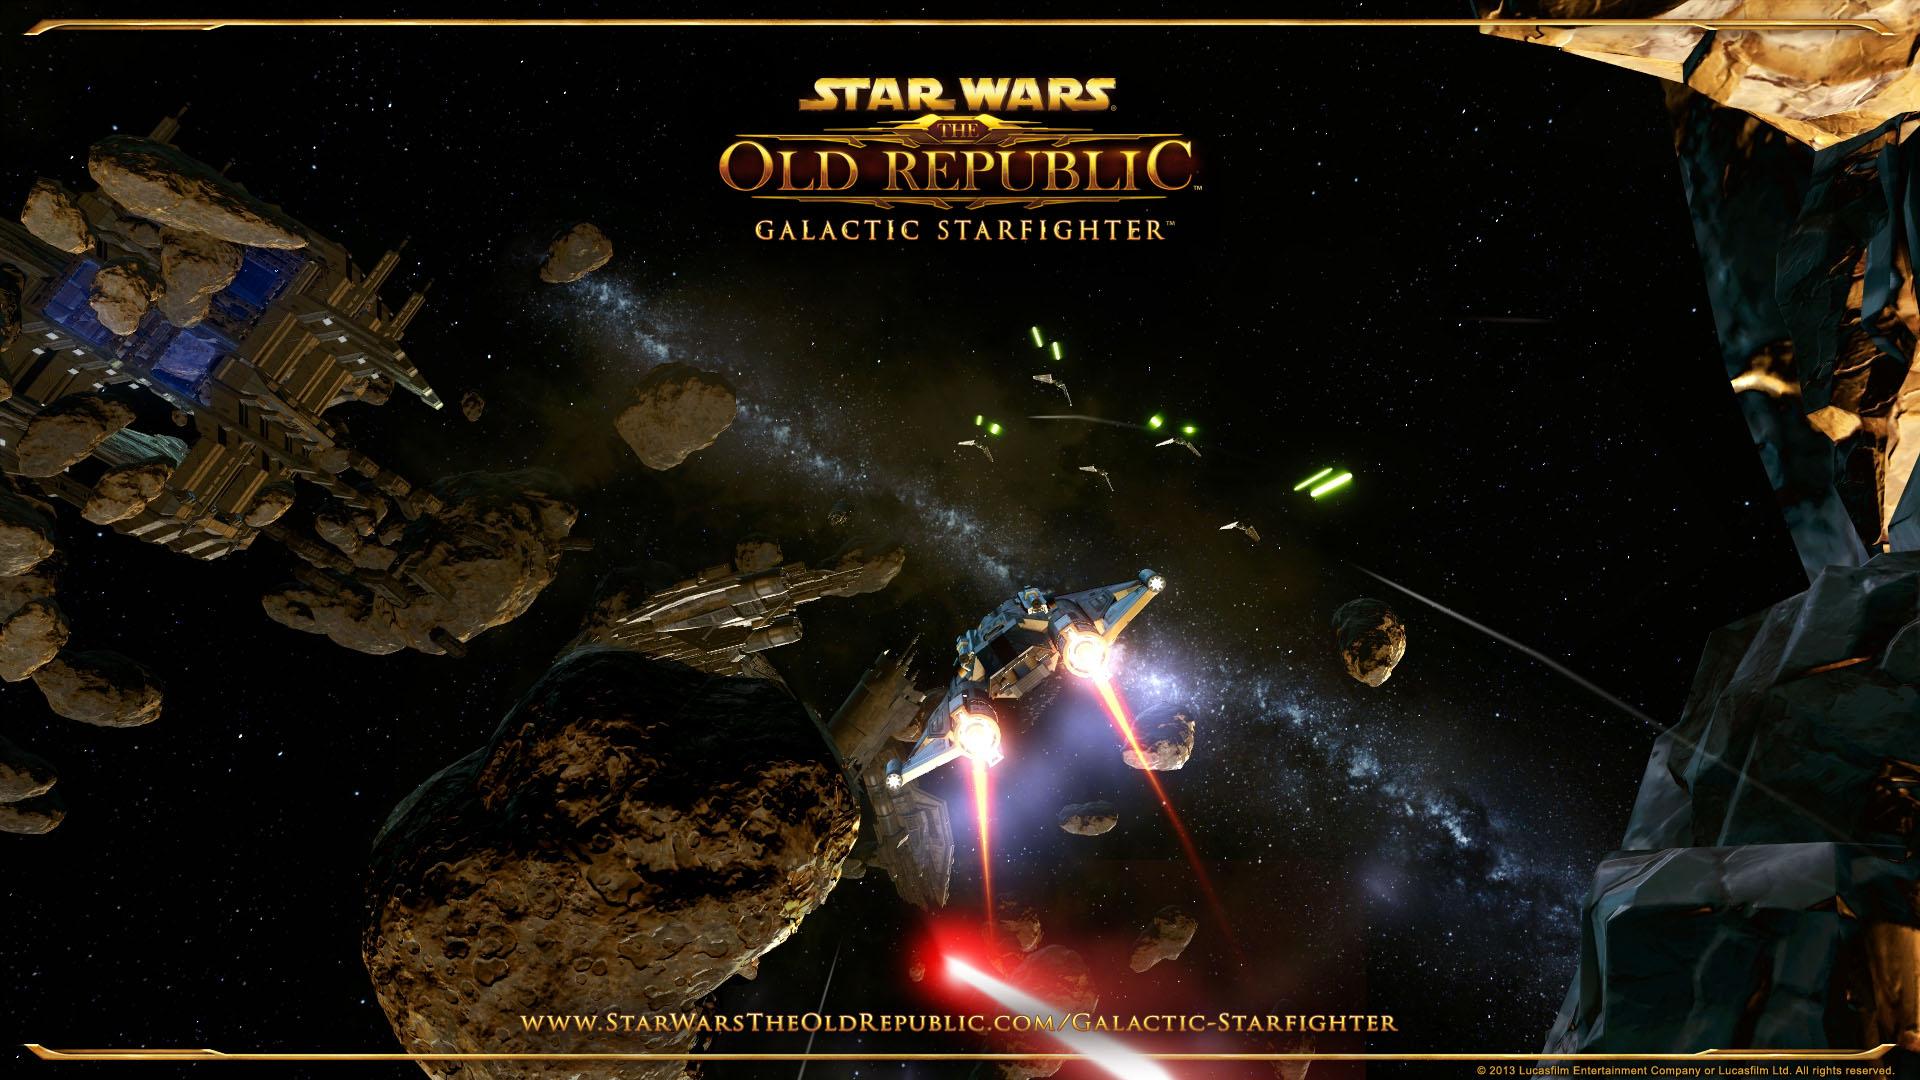 Star Wars The Old Republic Hd Wallpaper Star Wars The Old Republic Galactic 1920x1080 Wallpaper Teahub Io